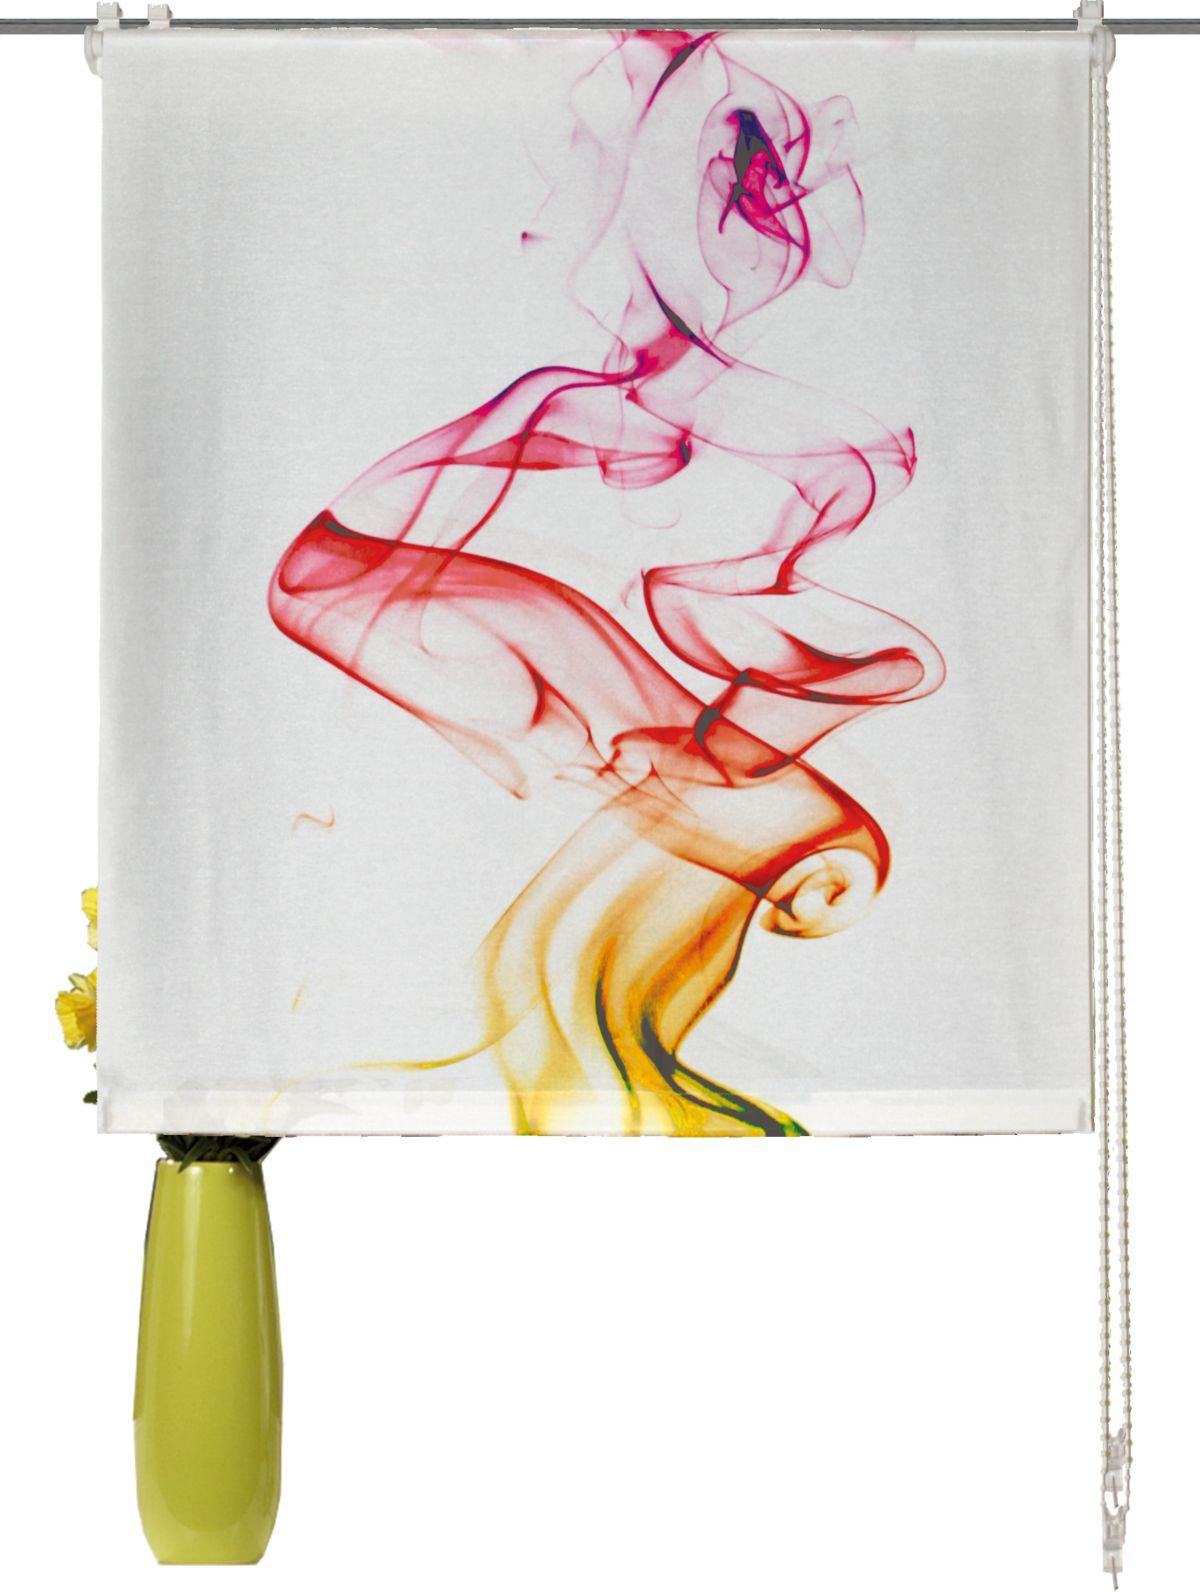 Turbo Leinwand Bild Canvas Art Kunstdruck Leinwandbild Auf Der Ganzen Welt Verteilt Werden Porsche 911 Carrera Auto & Motorrad: Teile Accessoires & Fanartikel